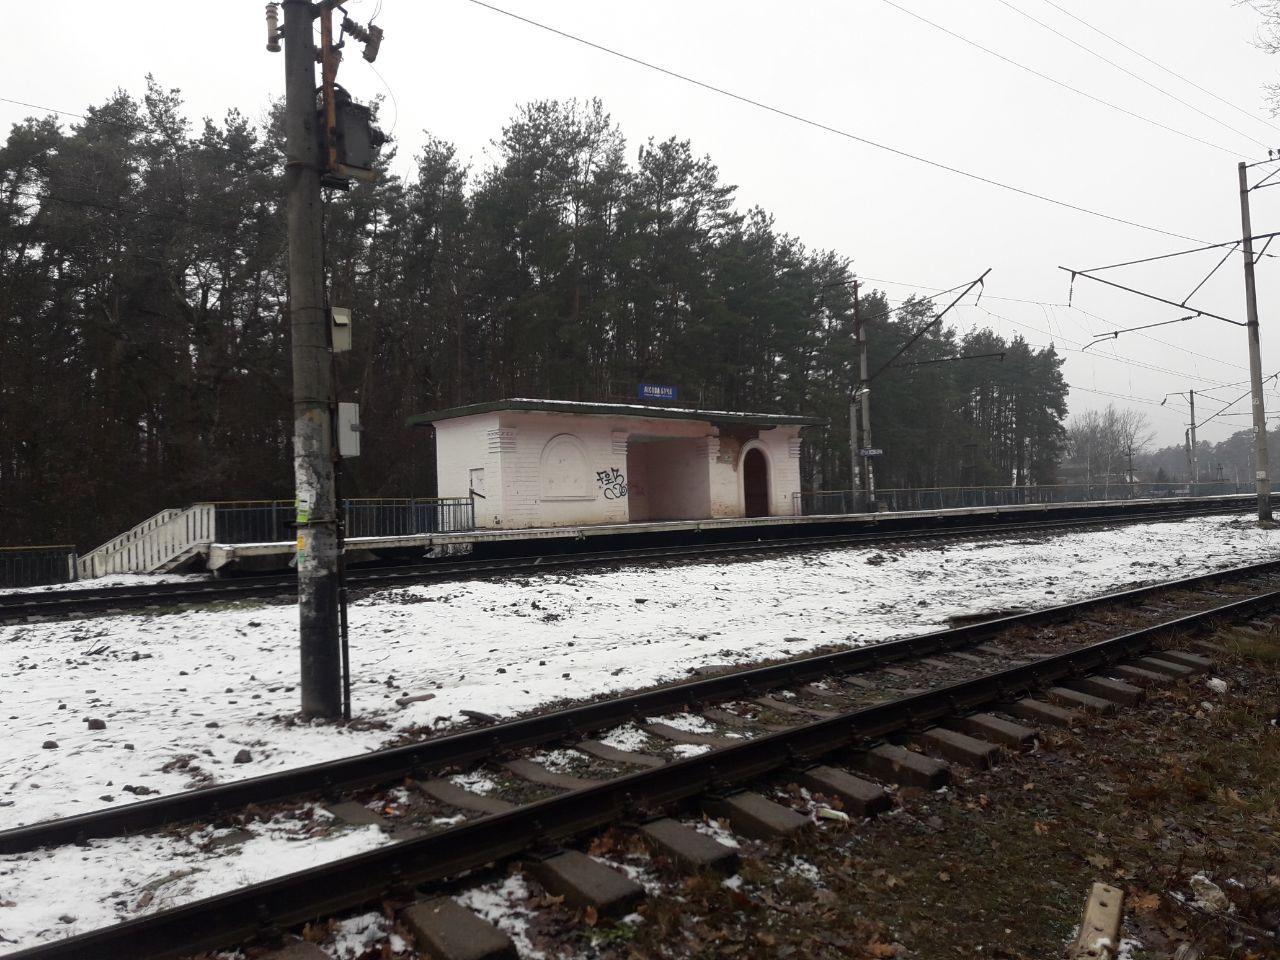 photo_2020-01-10_14-21-19 Київщина: біля станції Лісова Буча електричка насмерть збила жінку